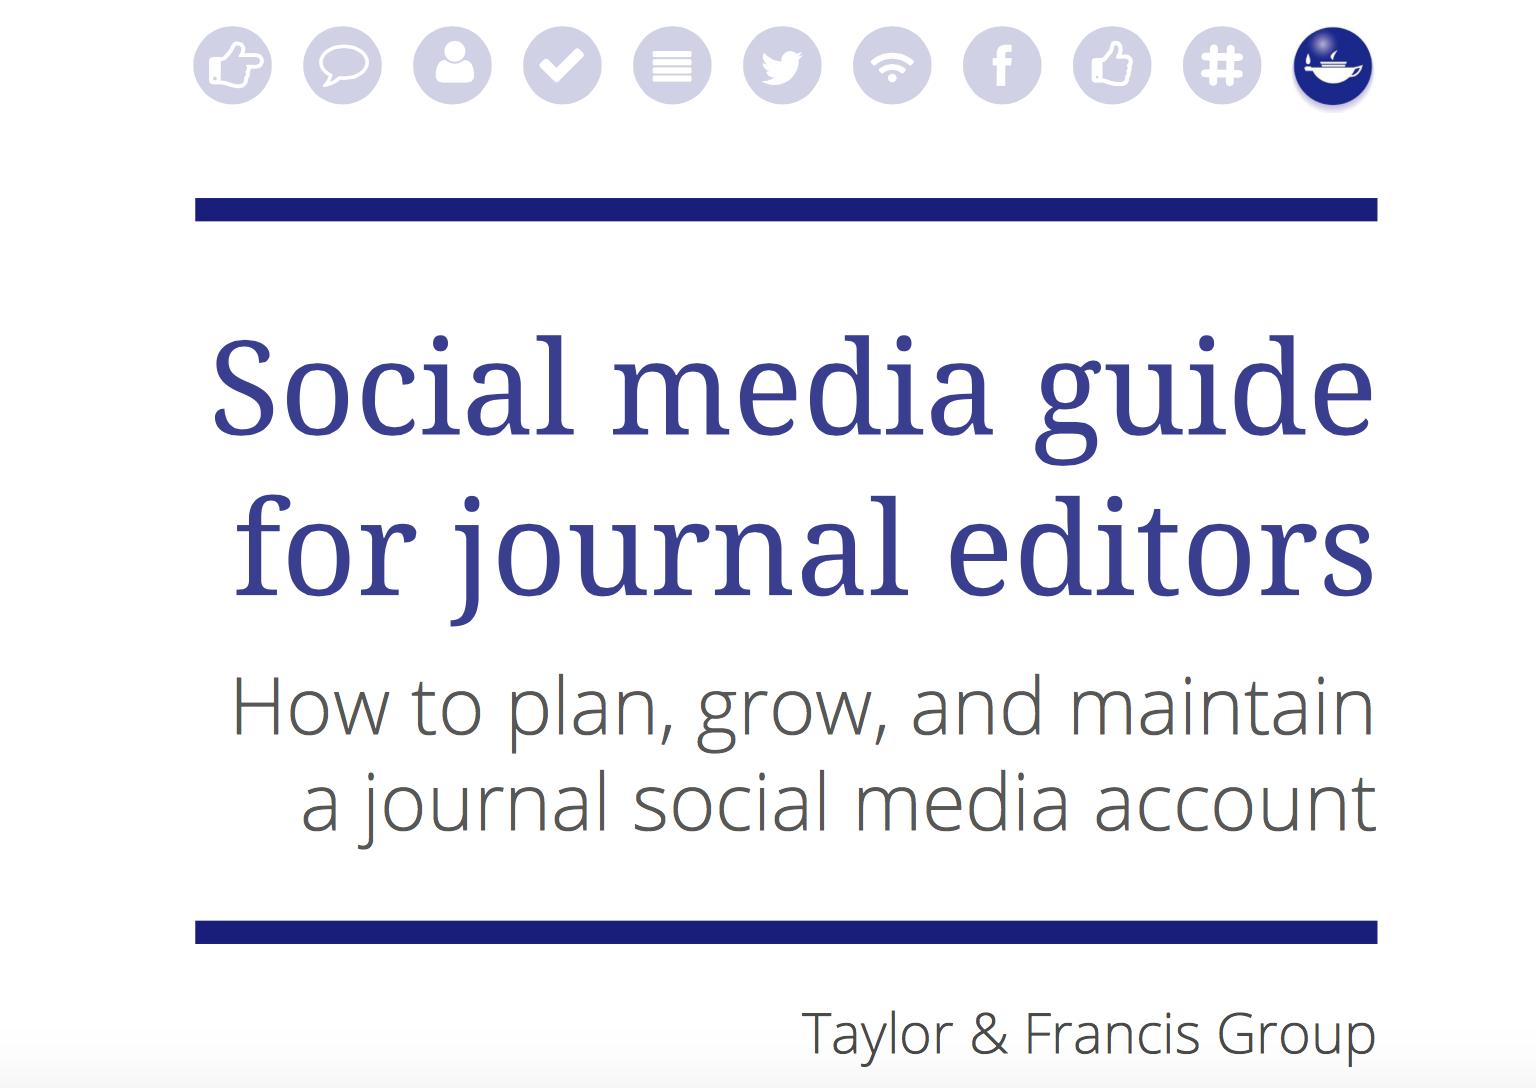 Social media guide for journal editors